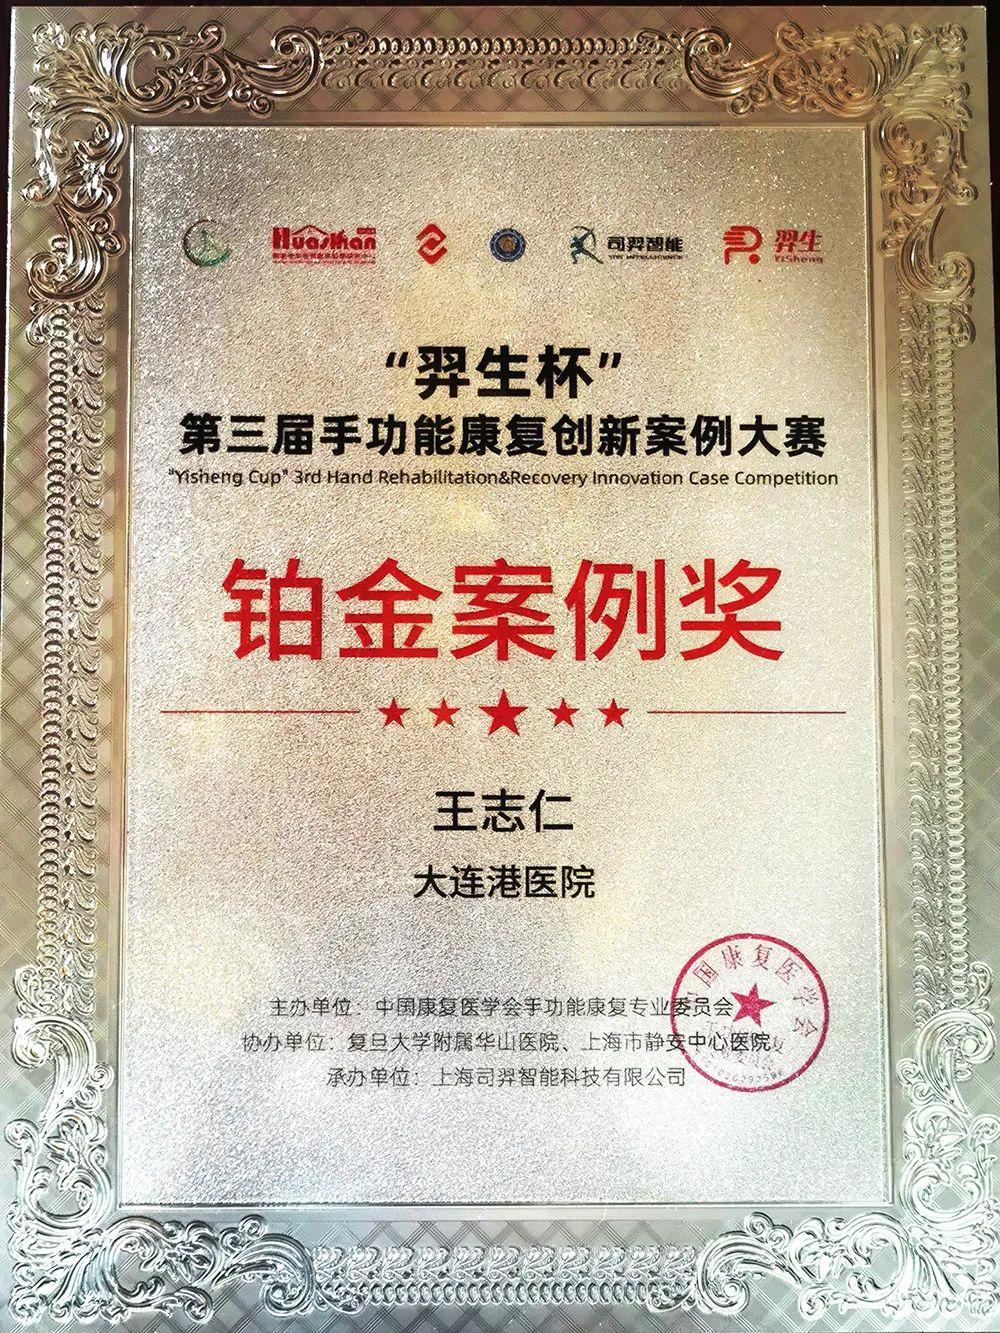 大连港医院喜获「羿生杯」第三届手功能康复创新案例大赛铂金奖